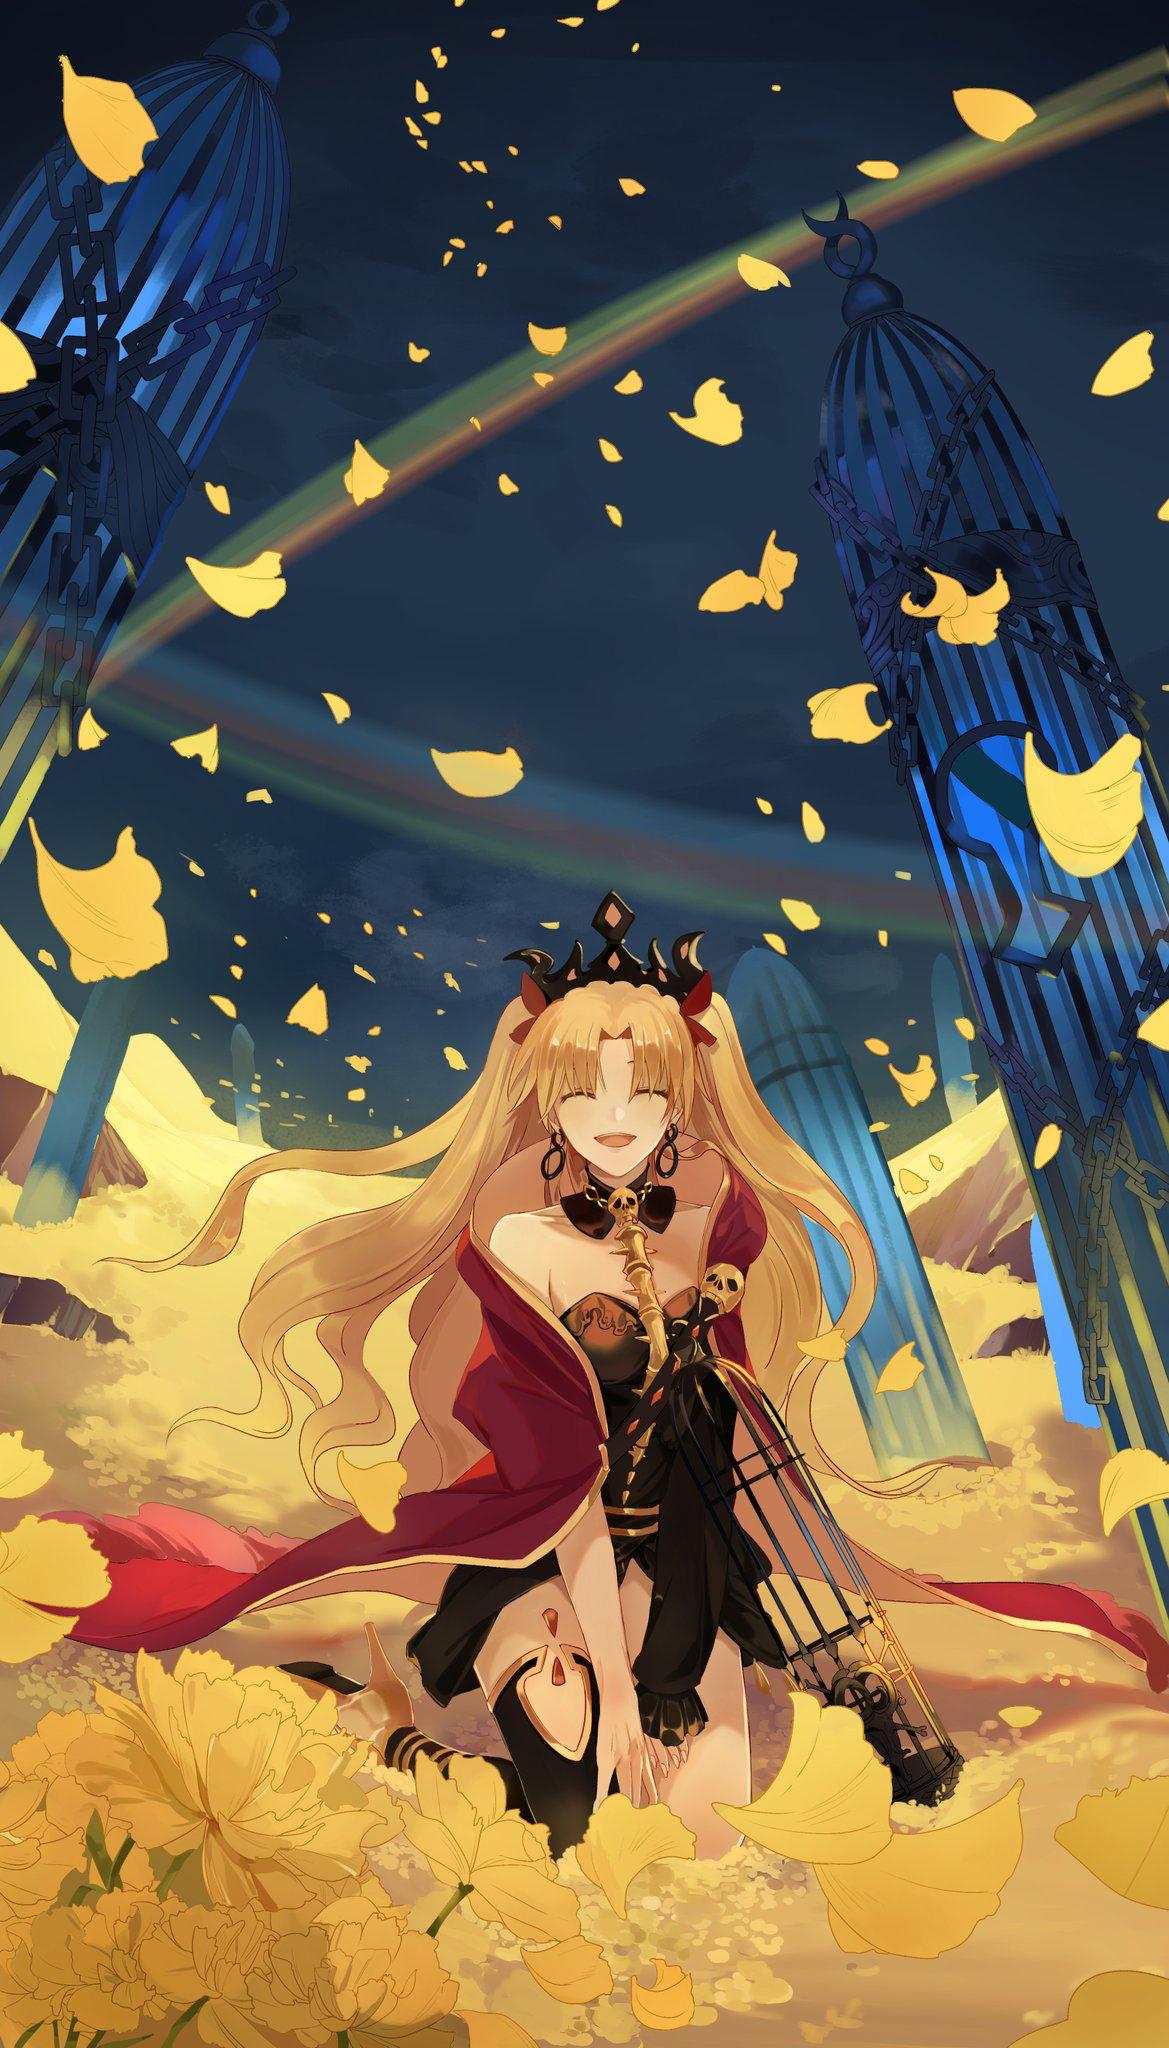 Lancer (Ereshkigal) - Fate Grand Order | AnimE | Fate